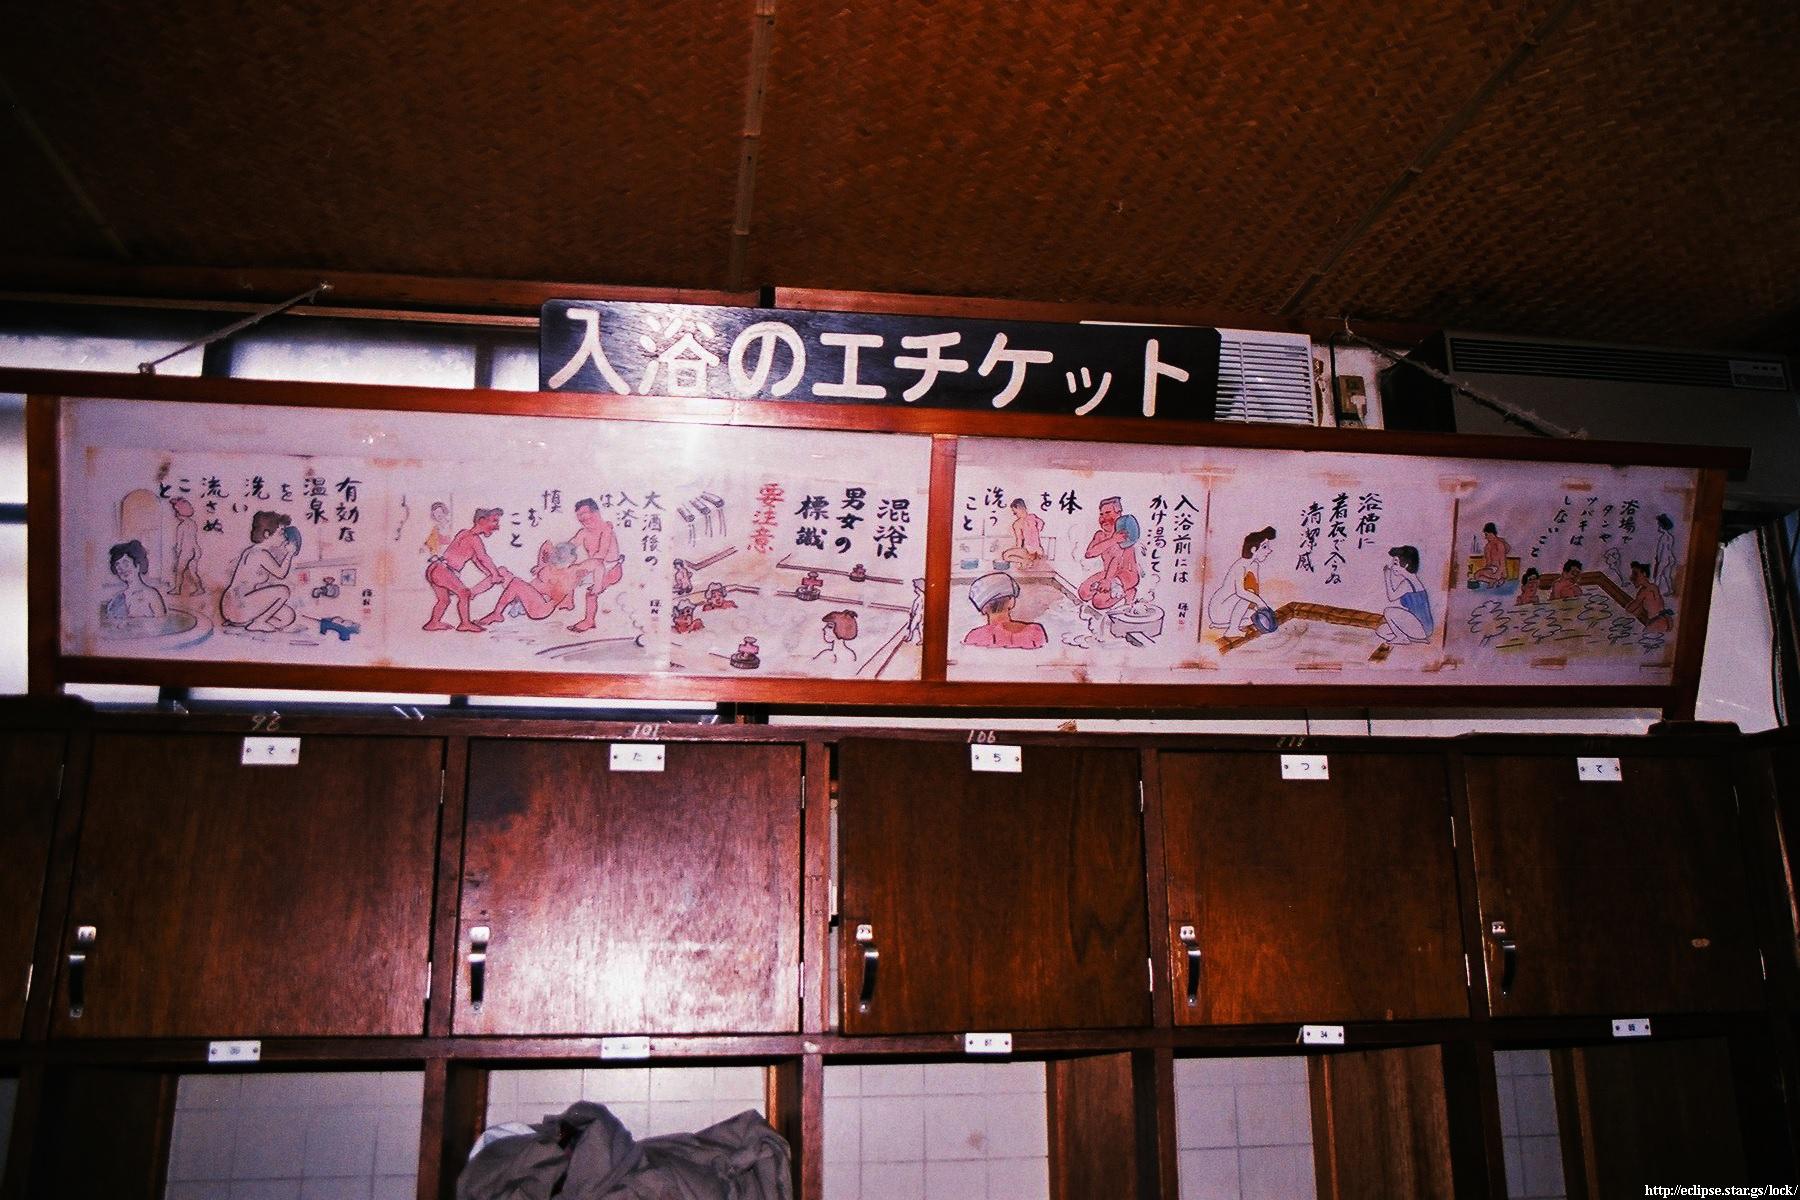 酸ヶ湯温泉・入浴のエチケット